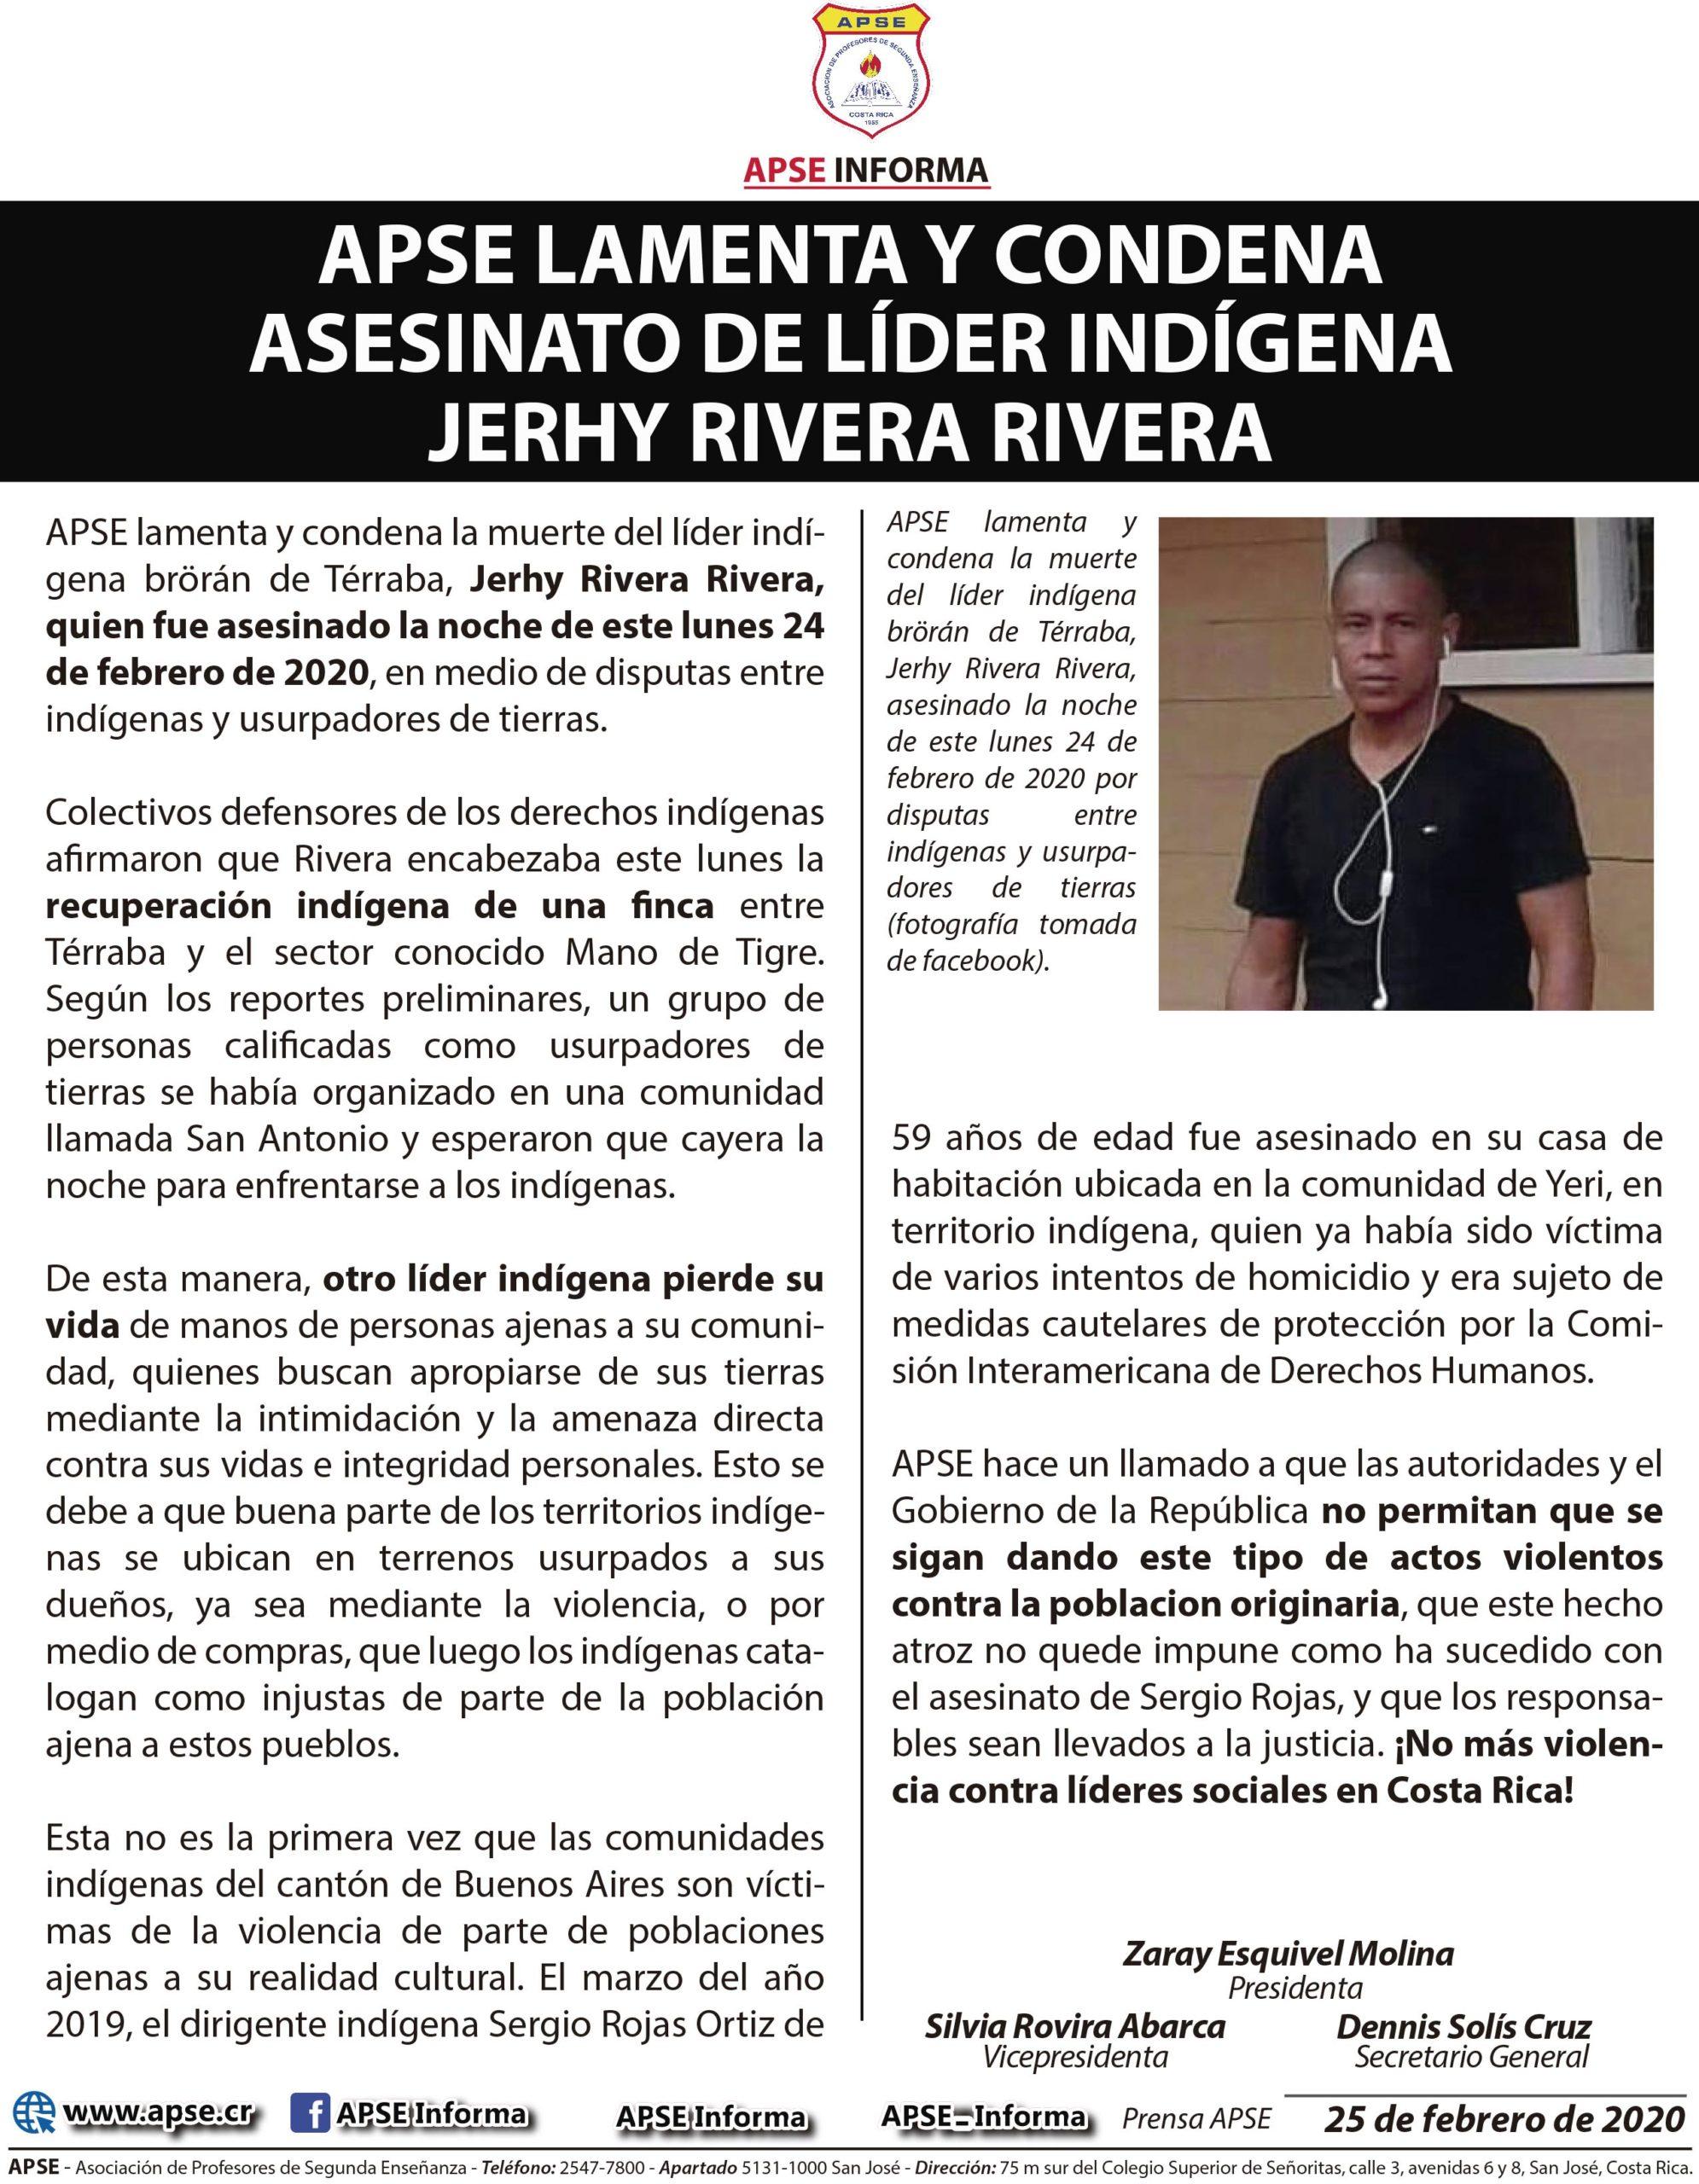 APSE LAMENTA Y CONDENA ASESINATO DE LÍDER INDÍGENA  JERHY RIVERA RIVERA